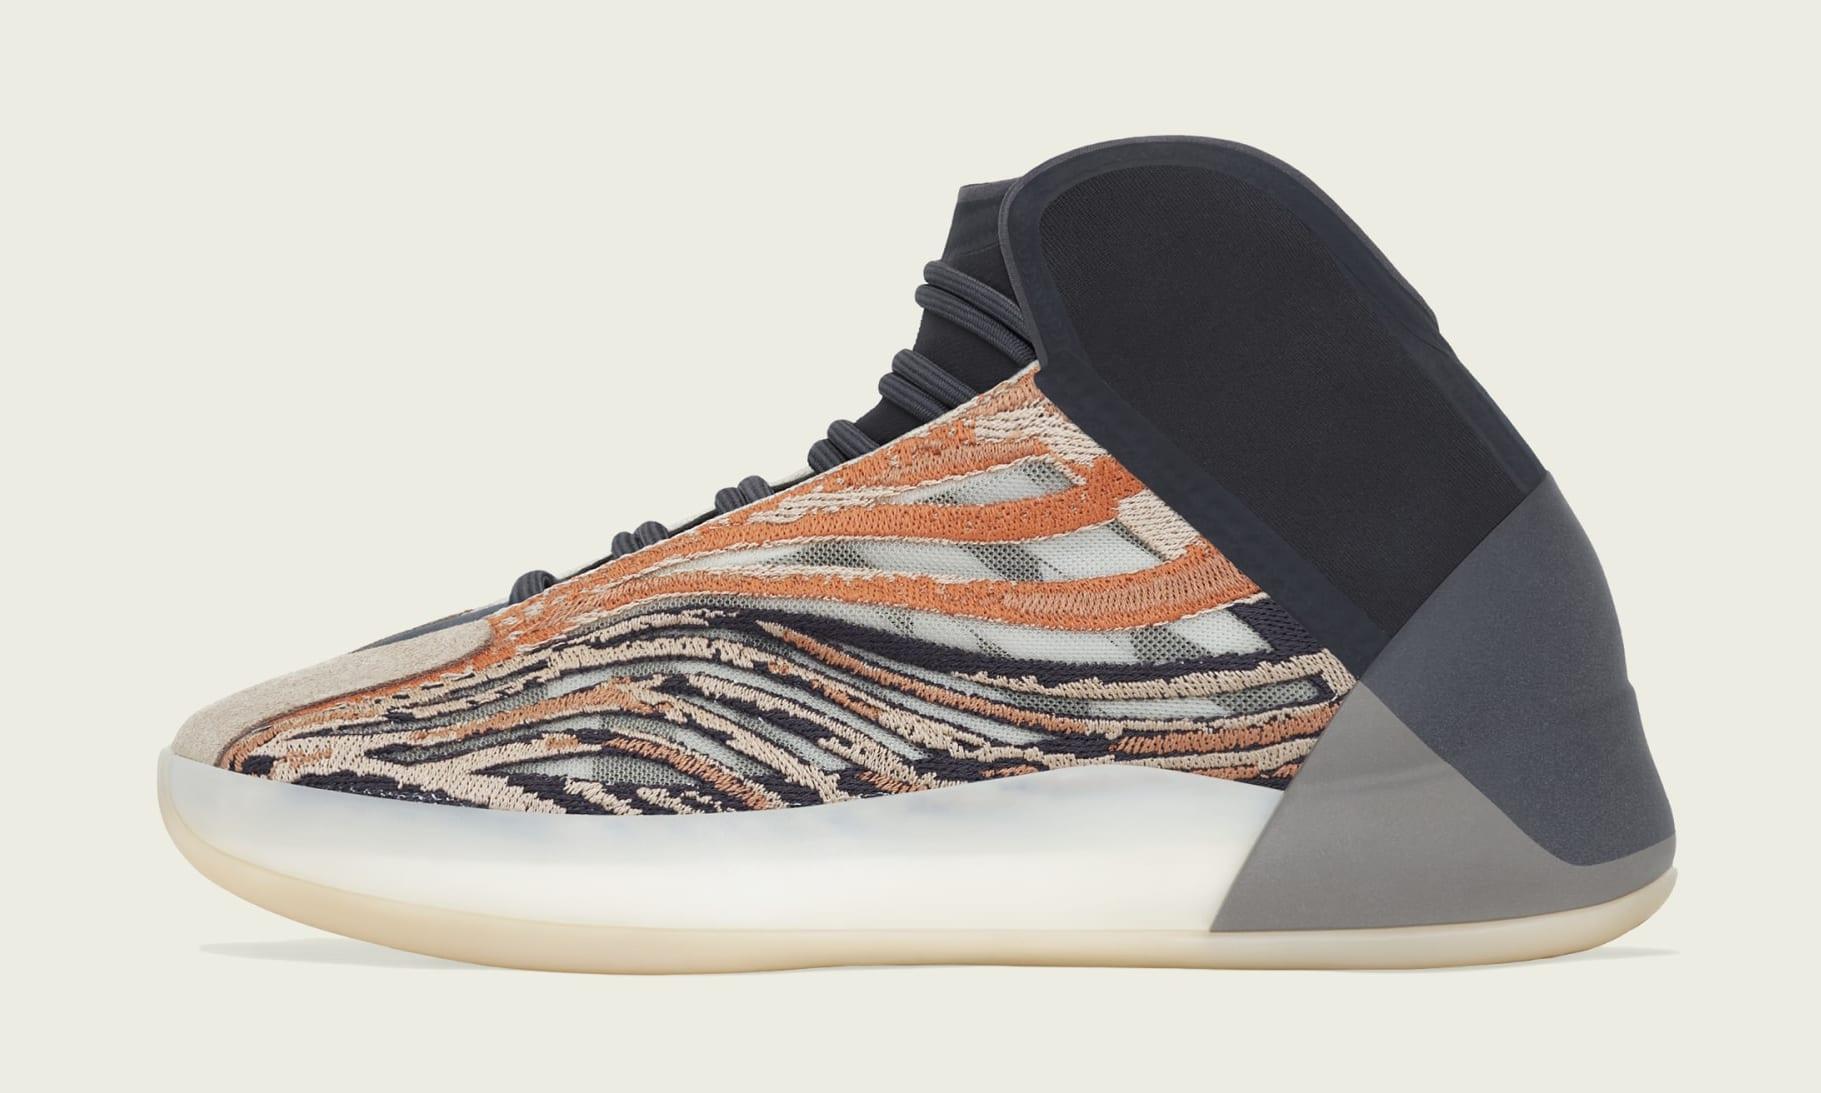 Adidas Yeezy QNTM 'Flash Orange' GW5314 Medial